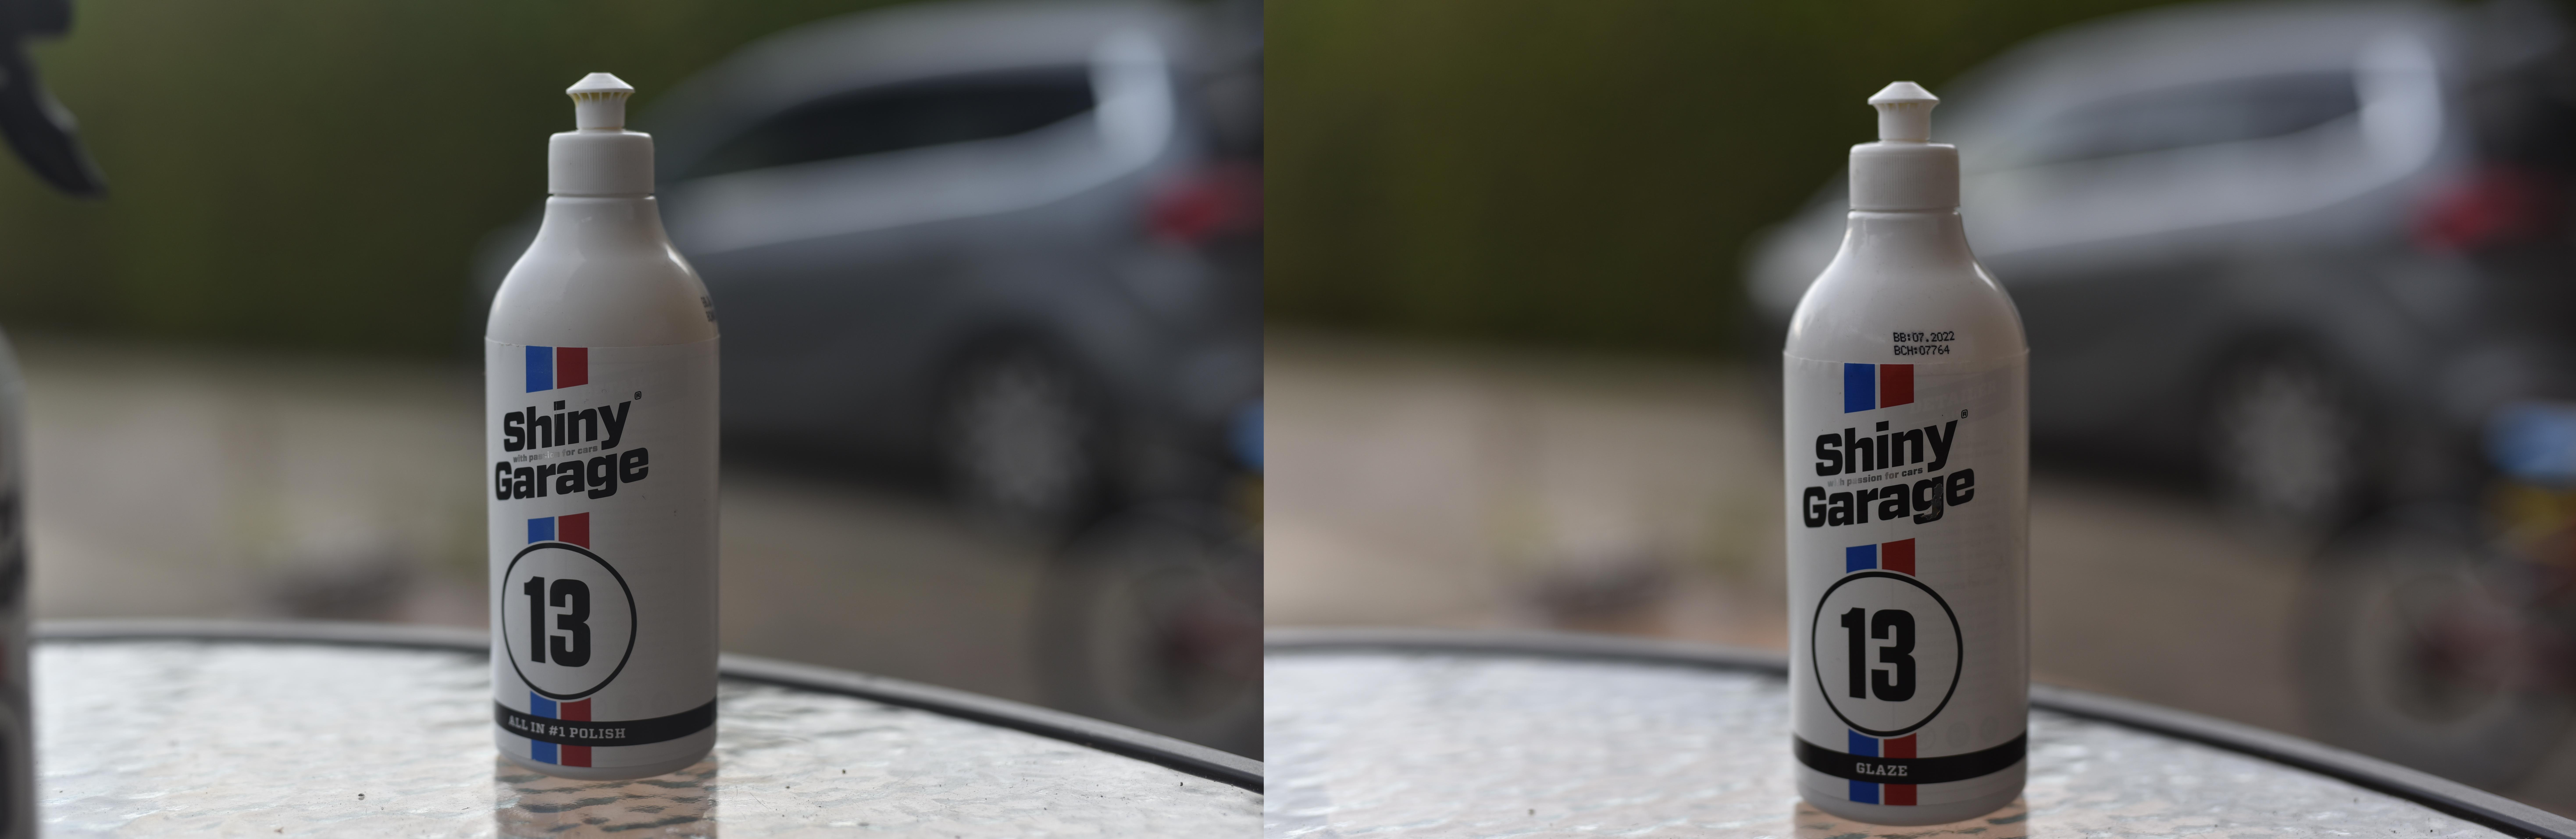 Porównanie produktów Shiny Garage i House of Wax